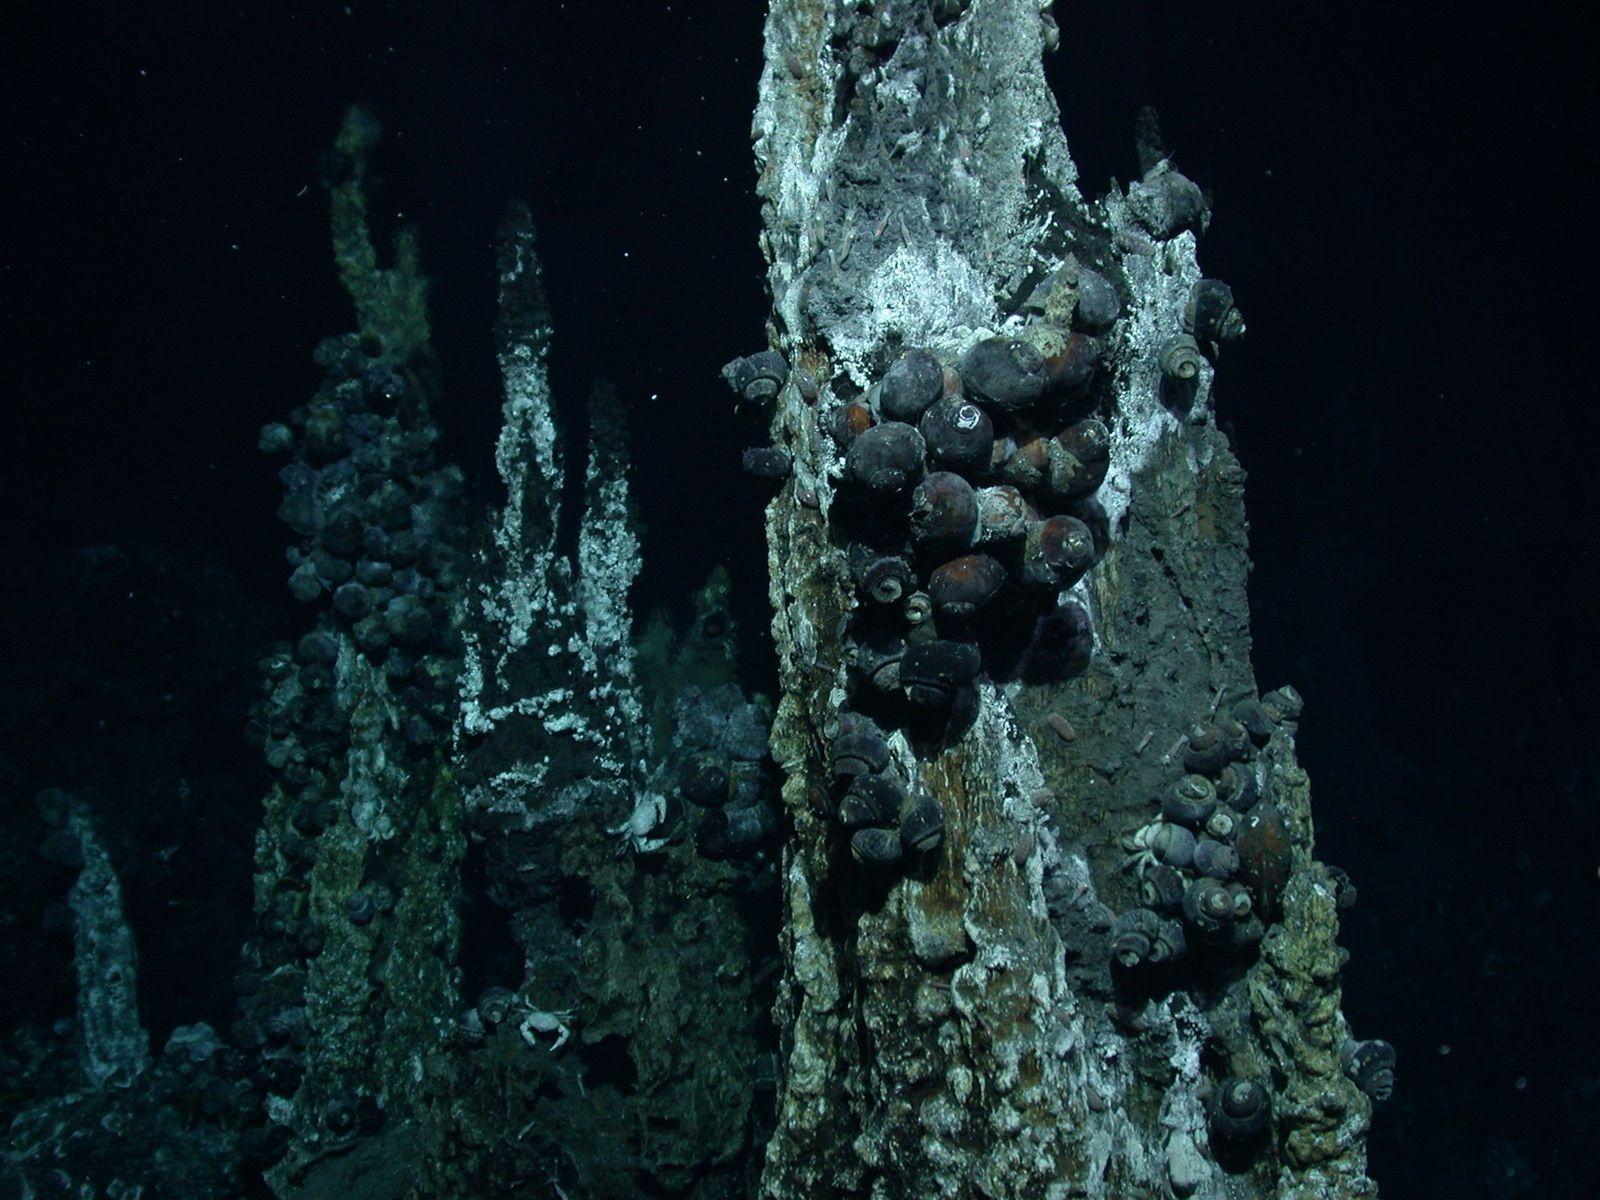 Mollusques et crabe vivant sur des évents hydrothermaux - photo ns.umich.edu